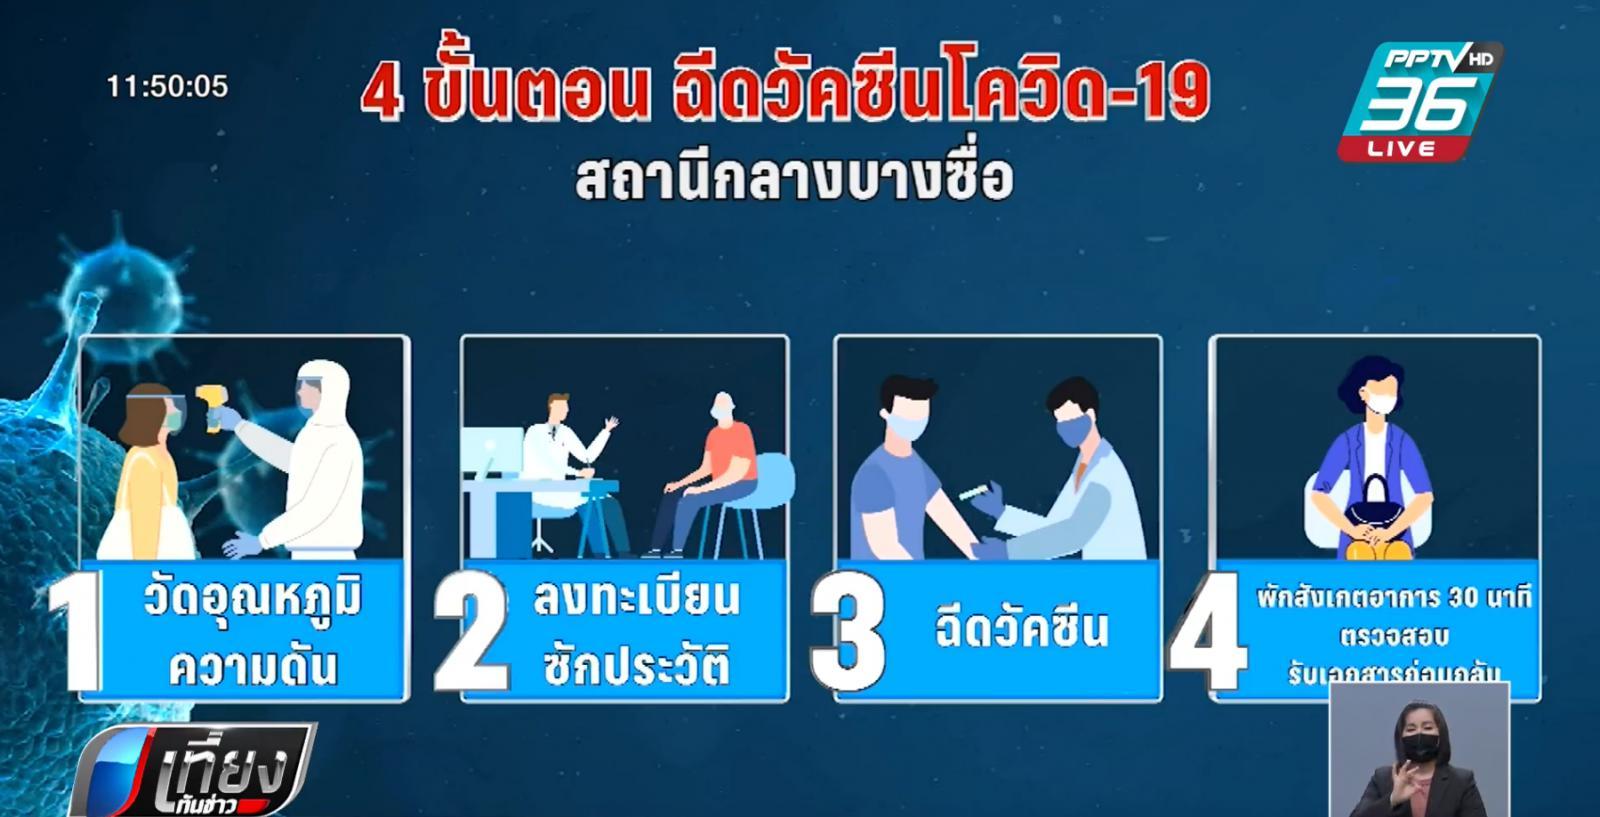 ฉีดวัคซีนโควิด พนักงาน 7 สายการบิน ก่อนเปิดประเทศ ก.ค.นี้